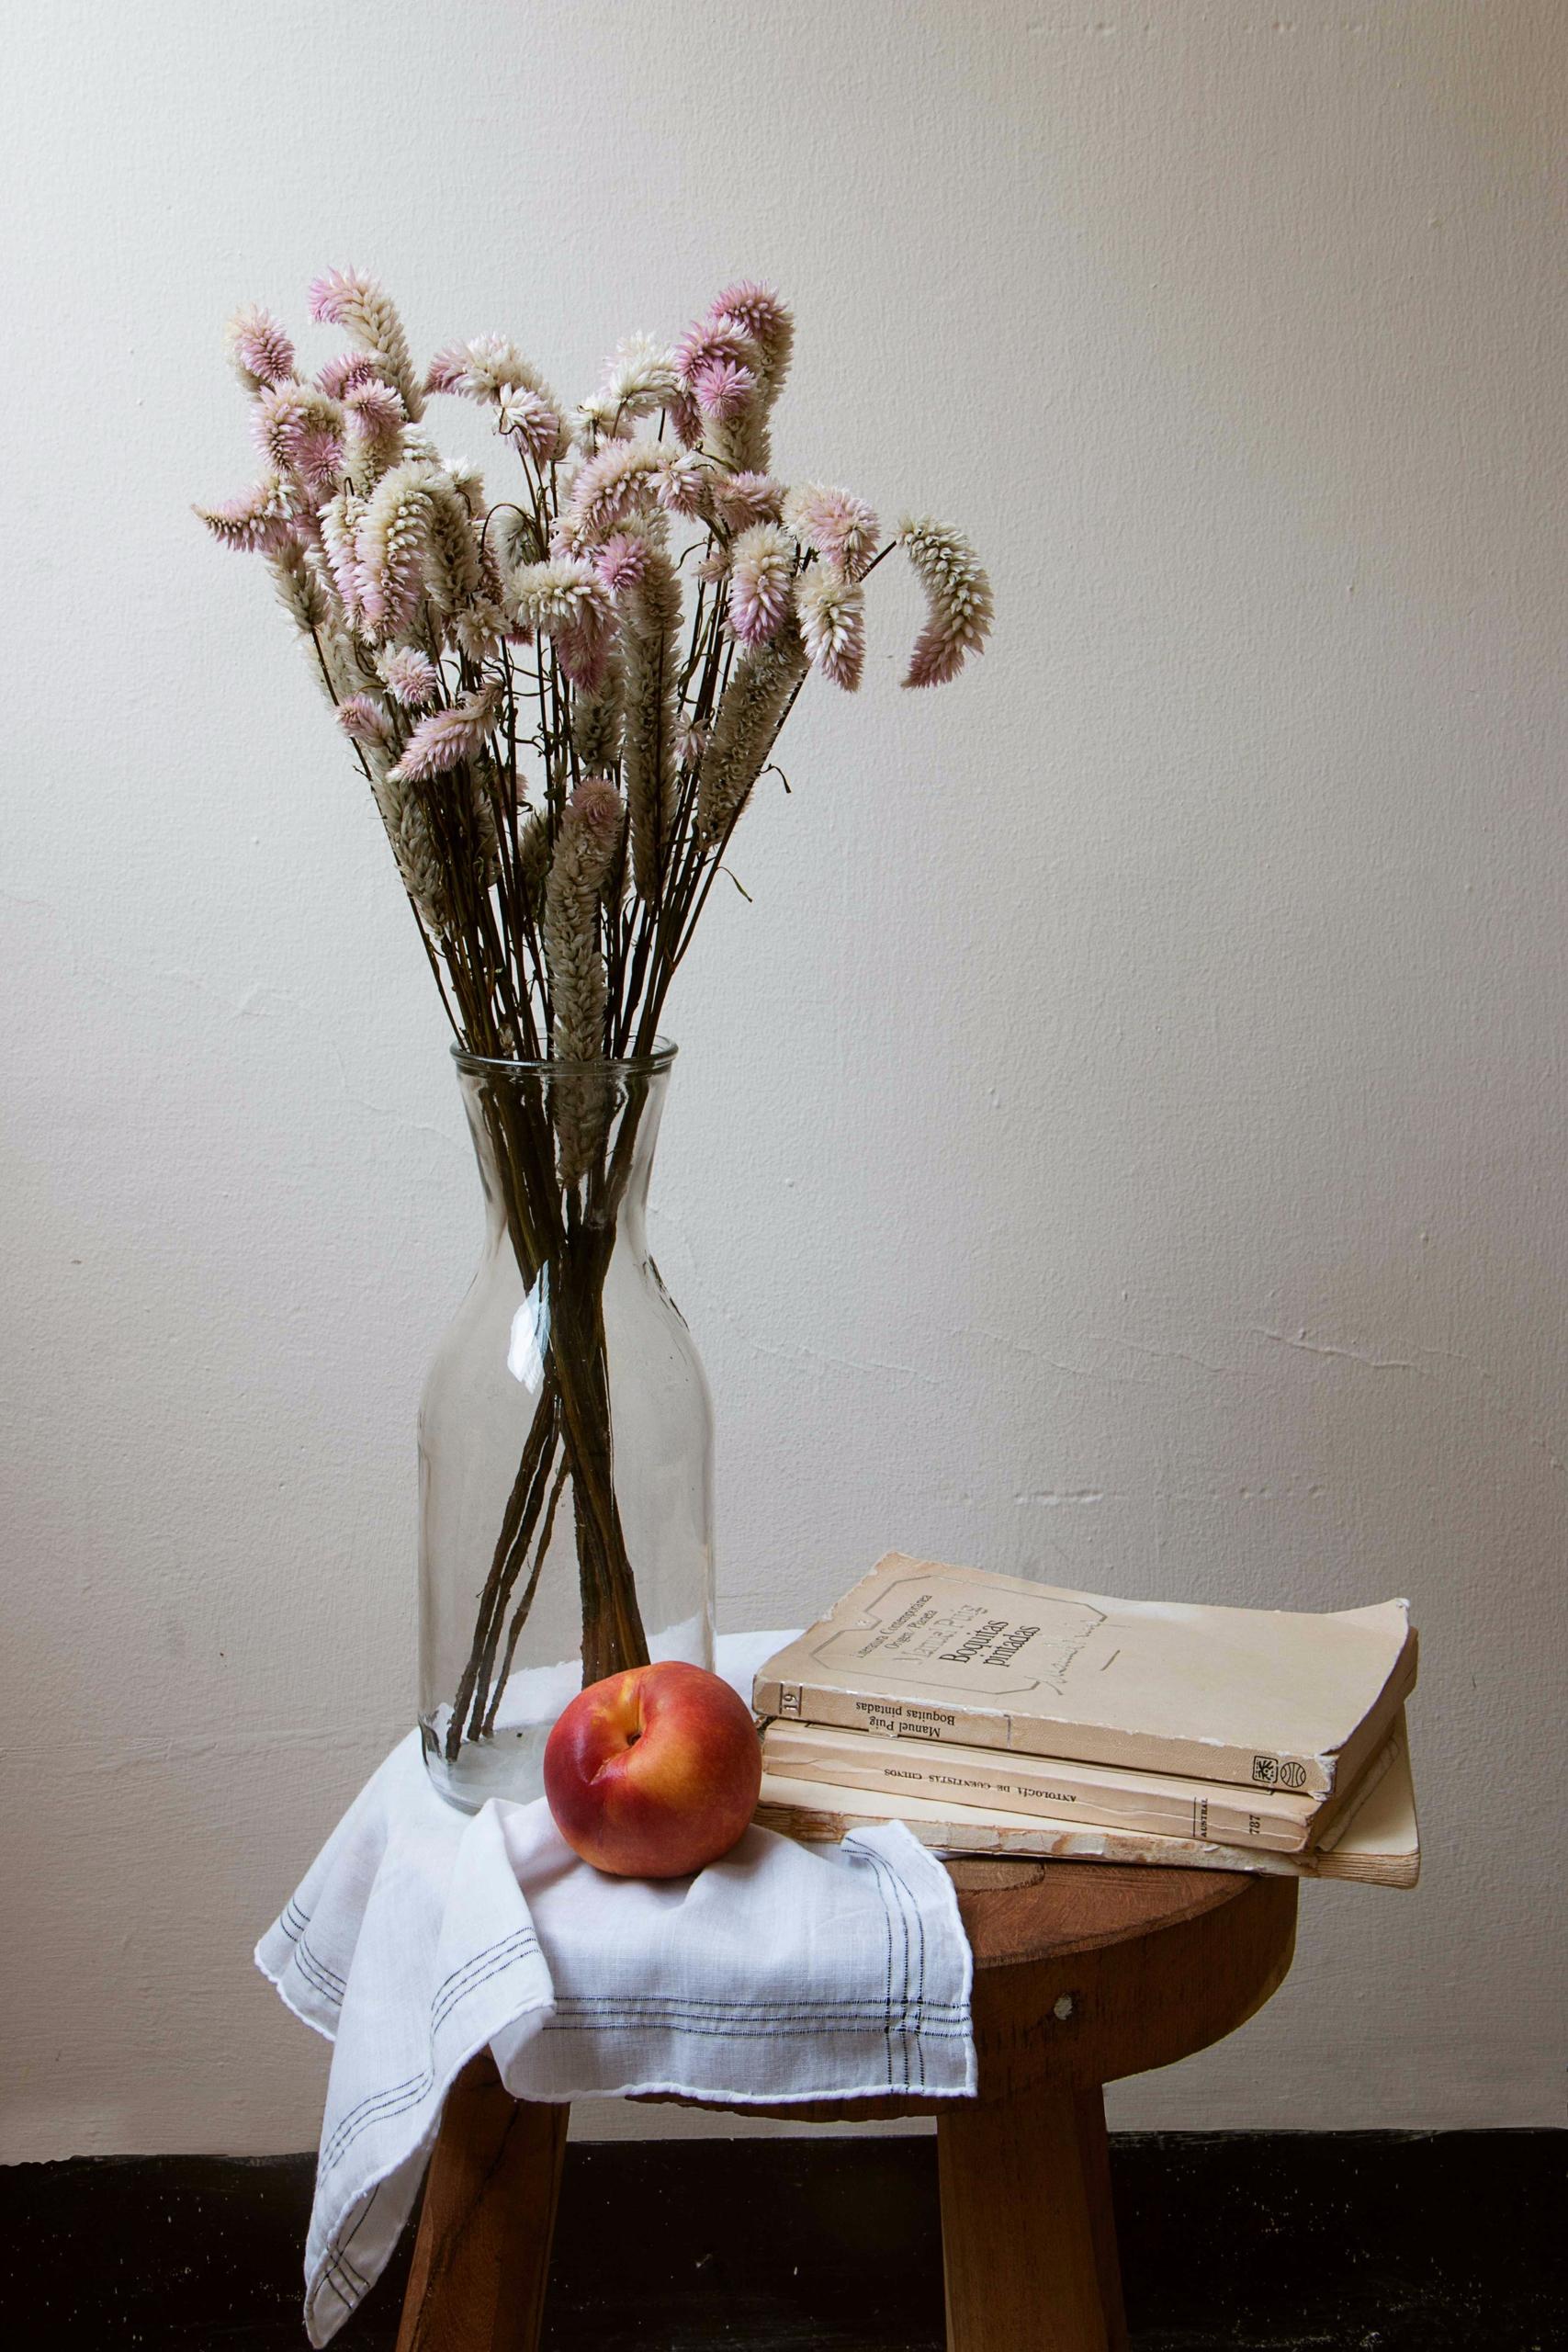 simple: life verónicas peach - stilllife - yiramos | ello